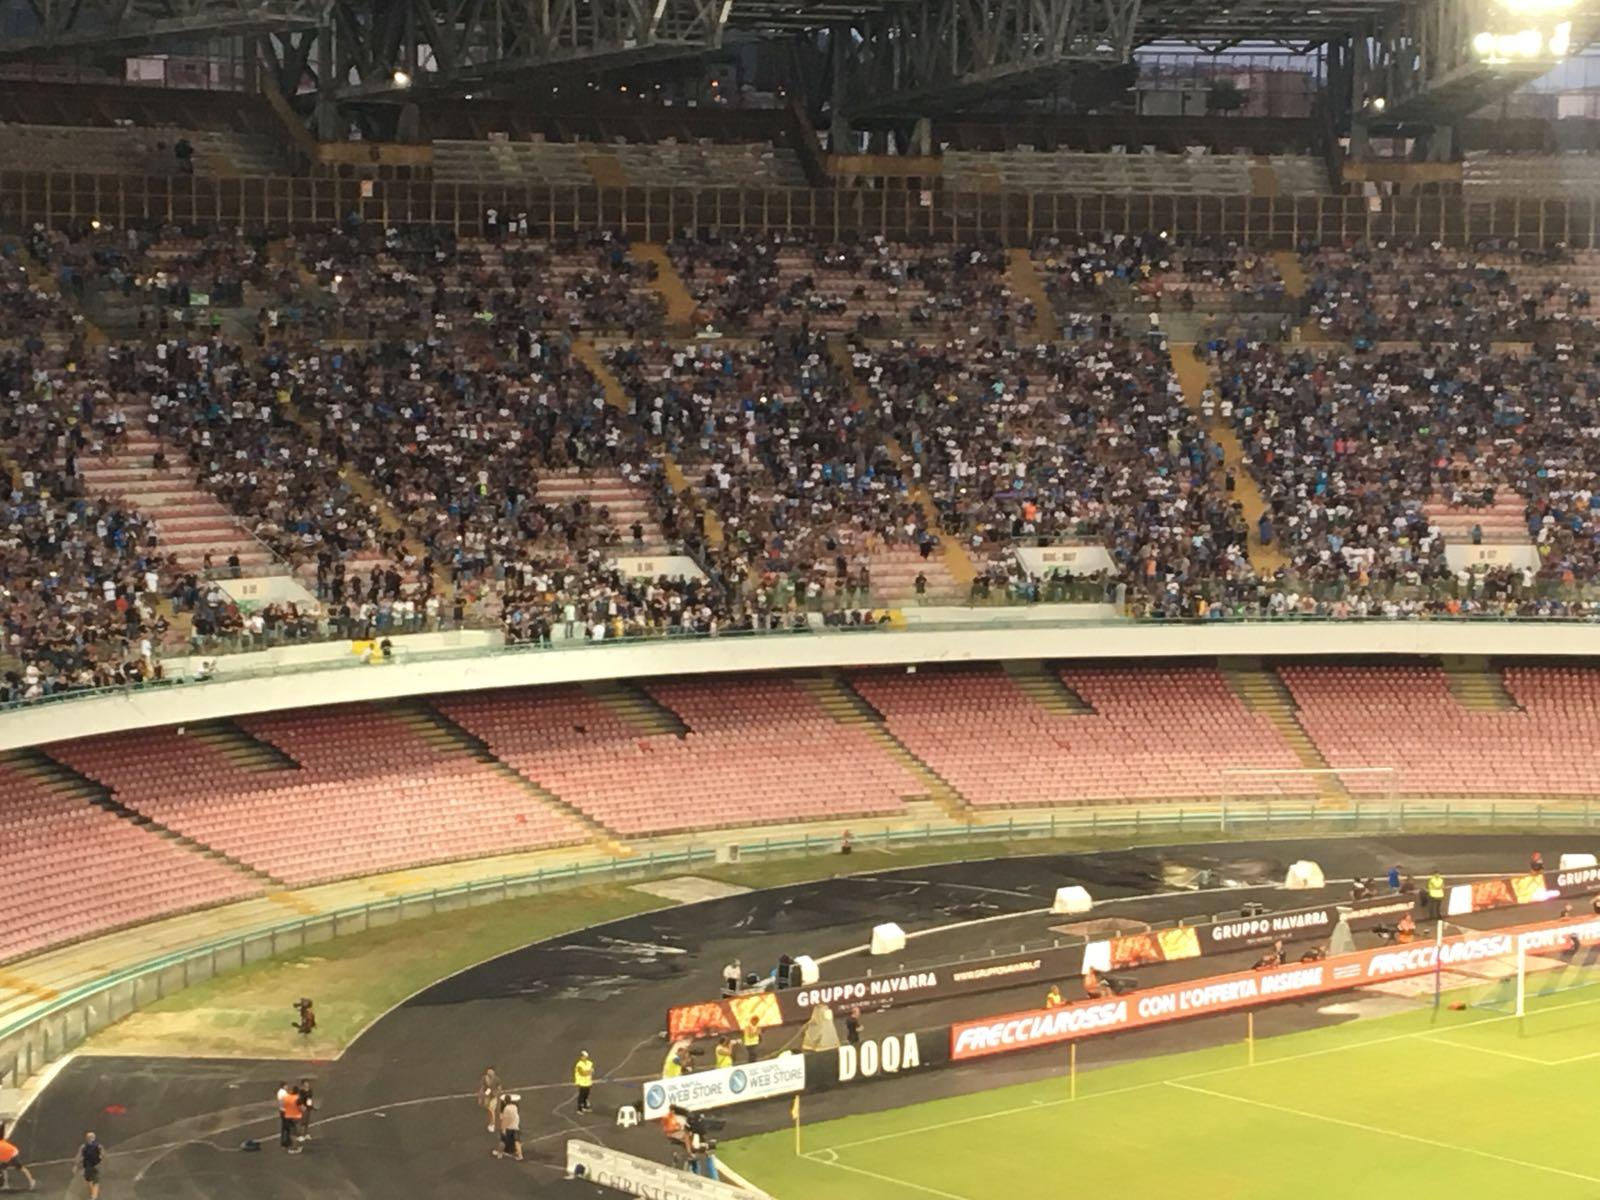 Napoli-Milan, sciopero del tifo nelle curve. Applausi per Reina